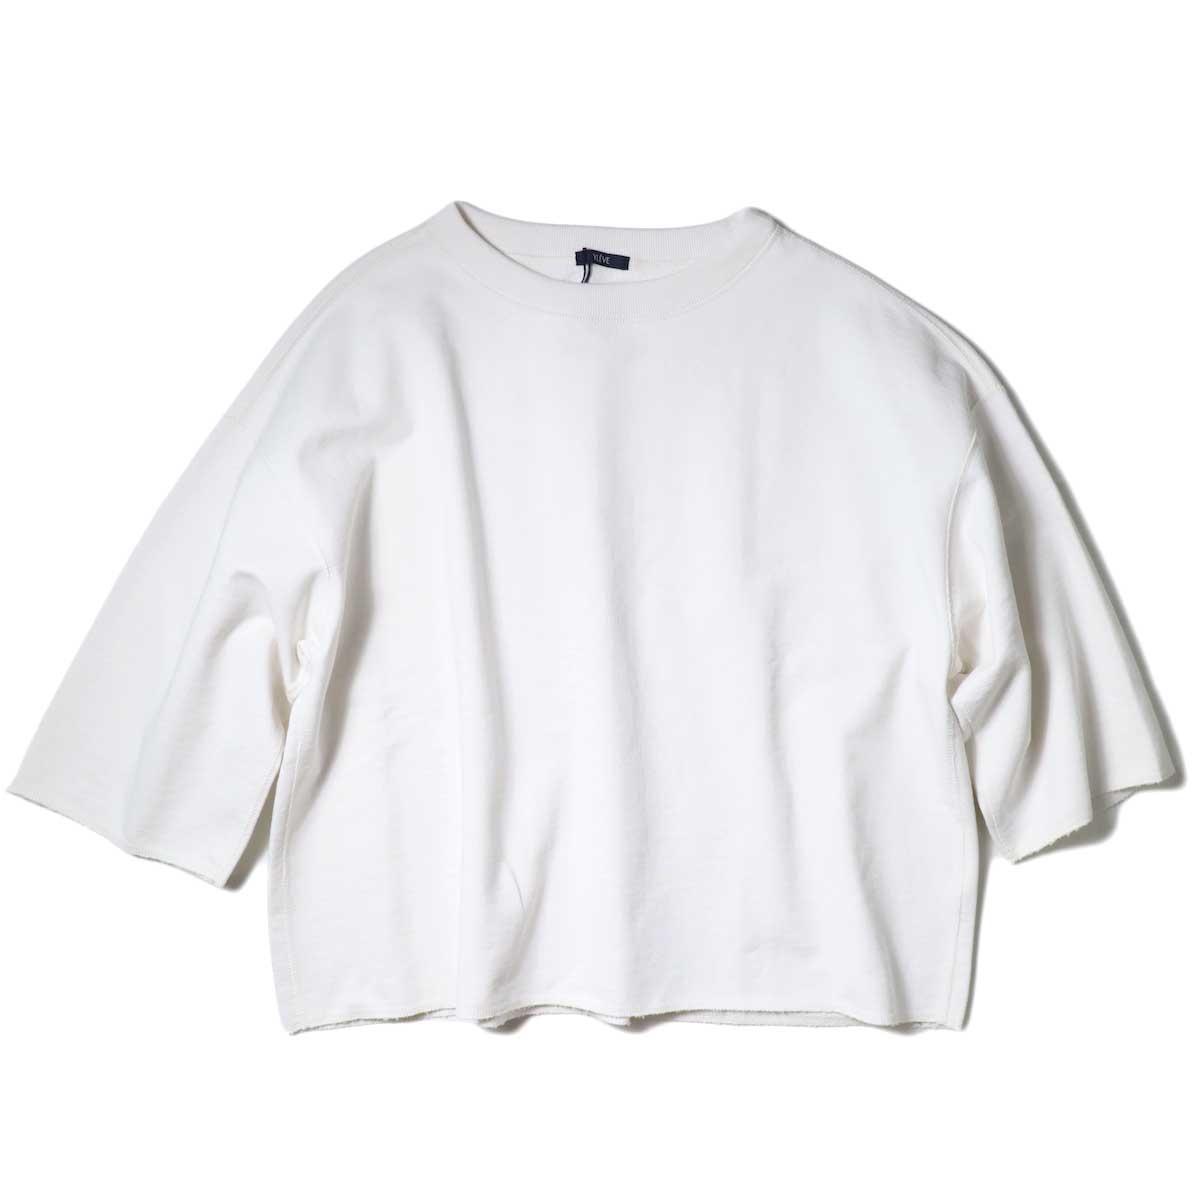 YLEVE / SUVIN CTN CUTOFF BIG (White)